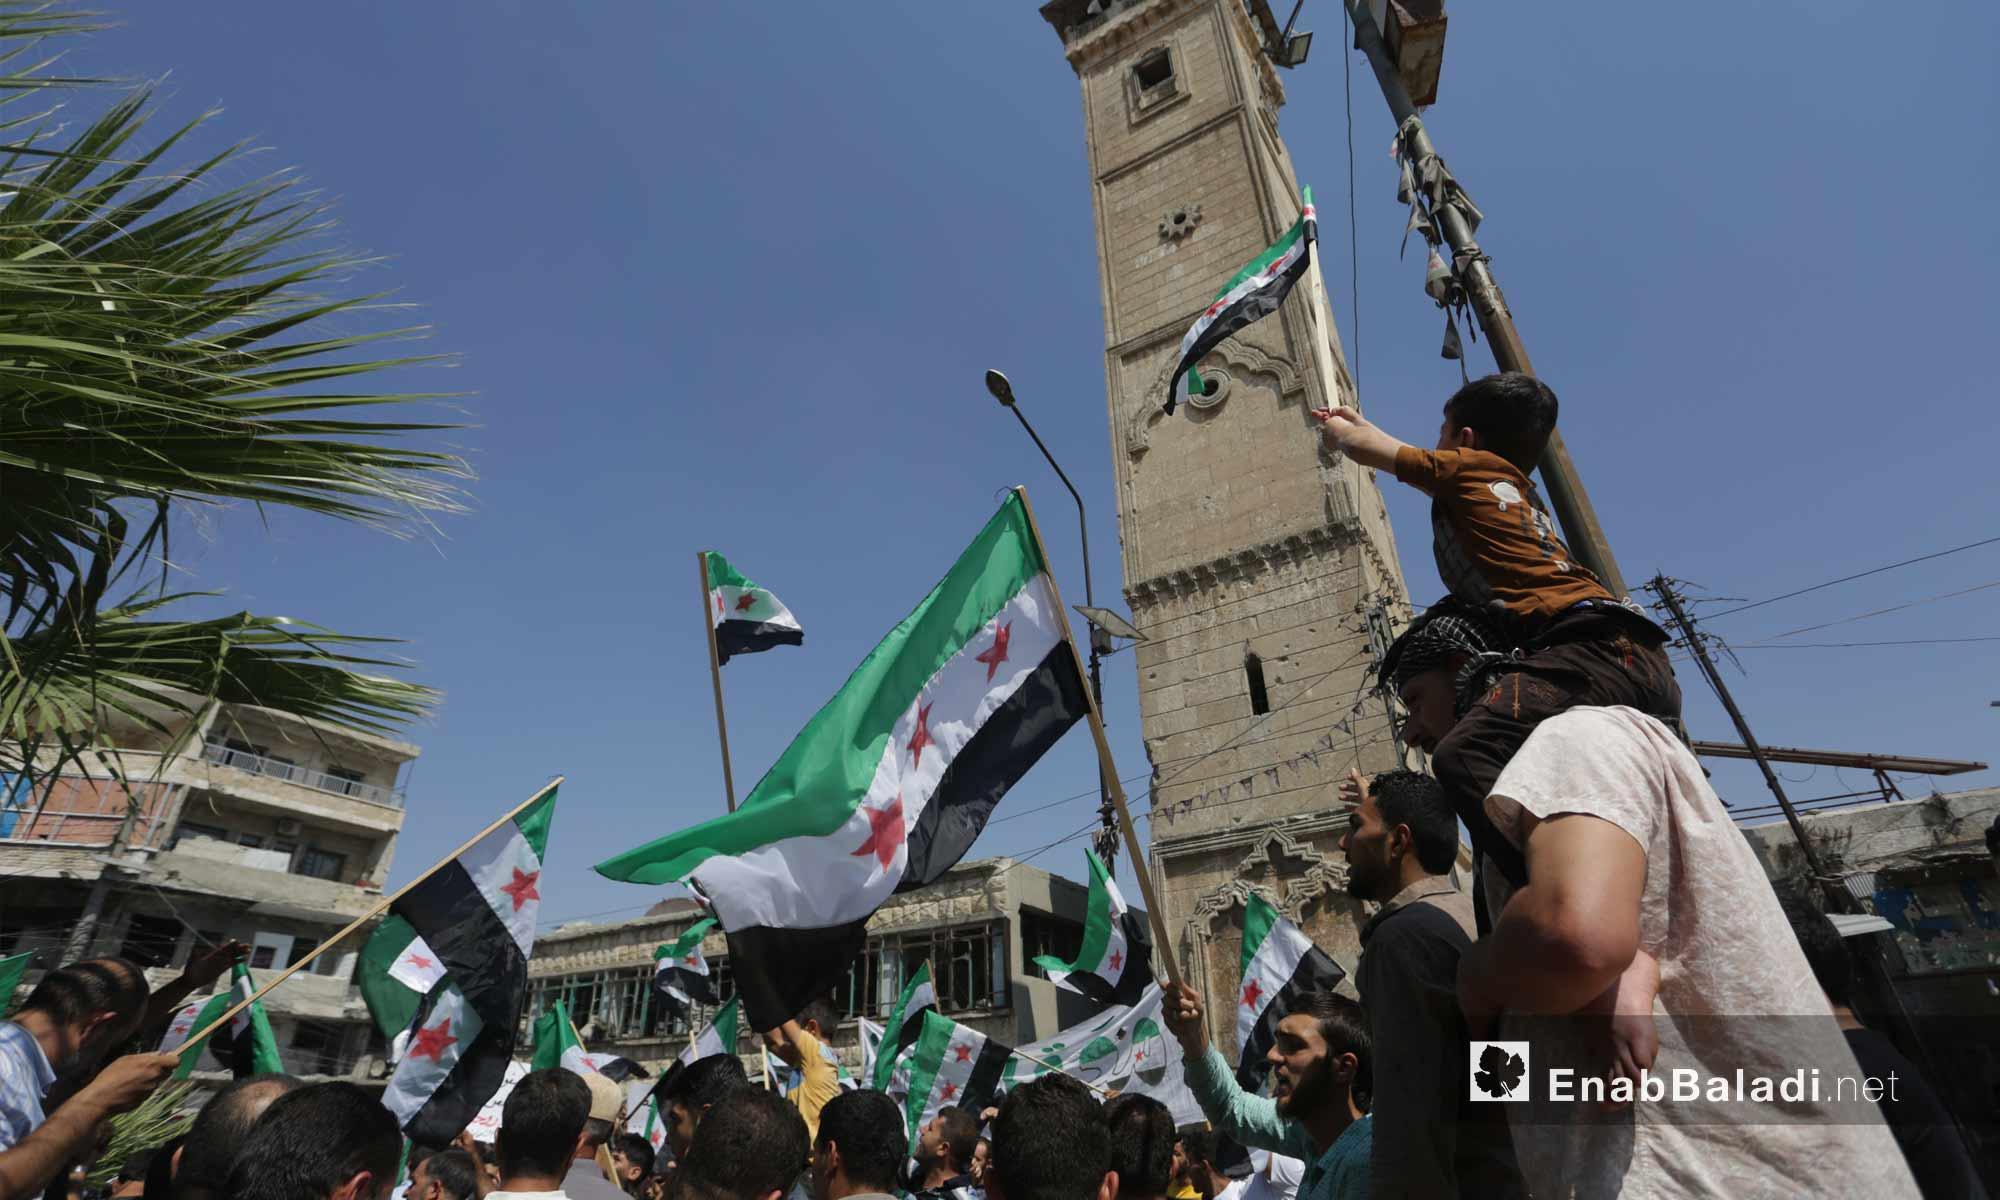 متظاهرون في معرة النعمان بريف إدلب يرفضون اتفاق سوتشي ويطالبون بإسقاط النظام السوري- 6 من أيلول 2019 (عنب بلدي)